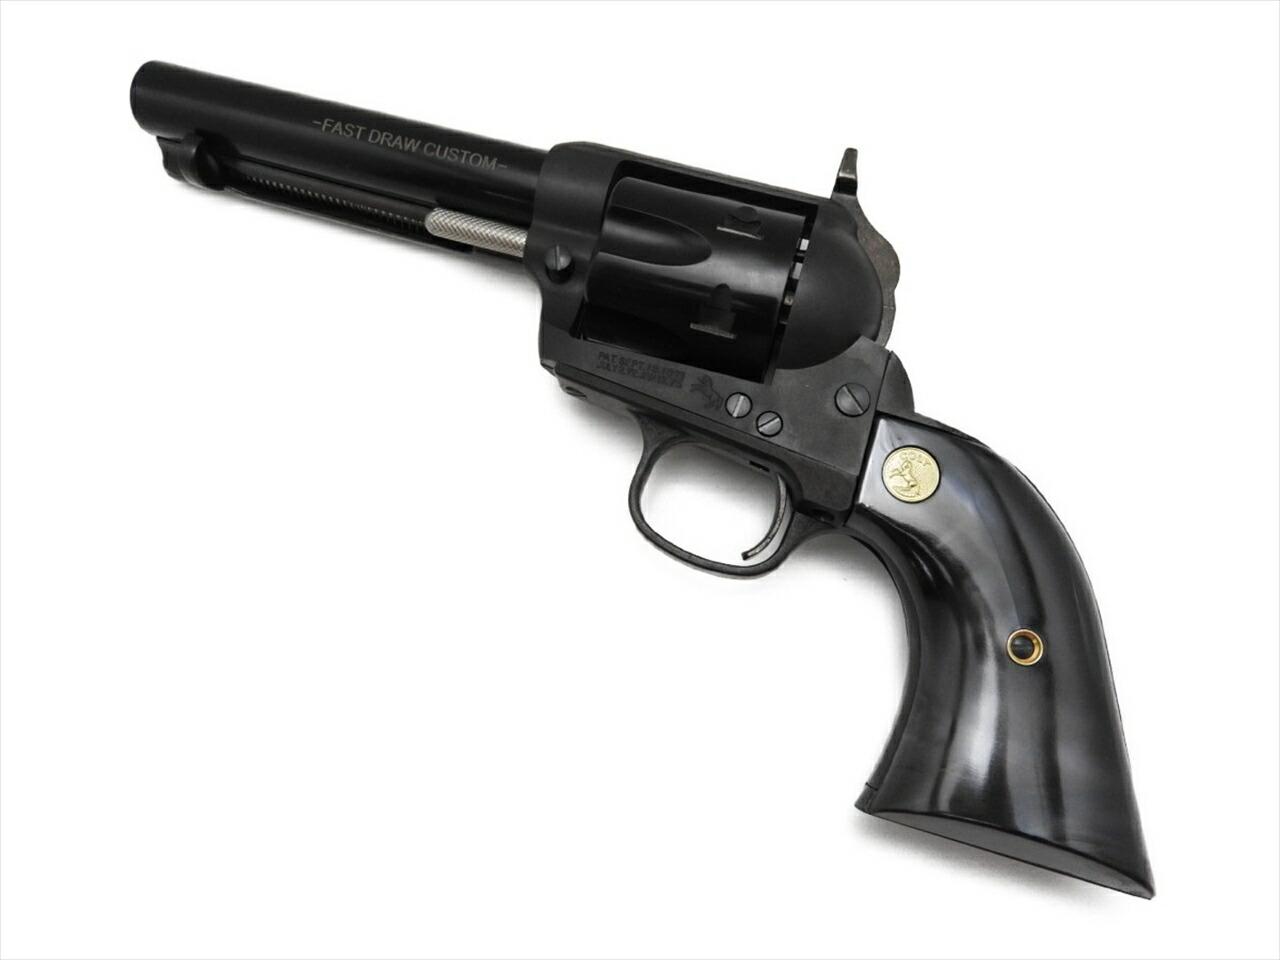 【エントリー全会員P10倍】 HWS ハートフォード FDC ベーシック ツーハンド 完成品 発火式 モデルガン フロントサイトレス 銃 早撃ち